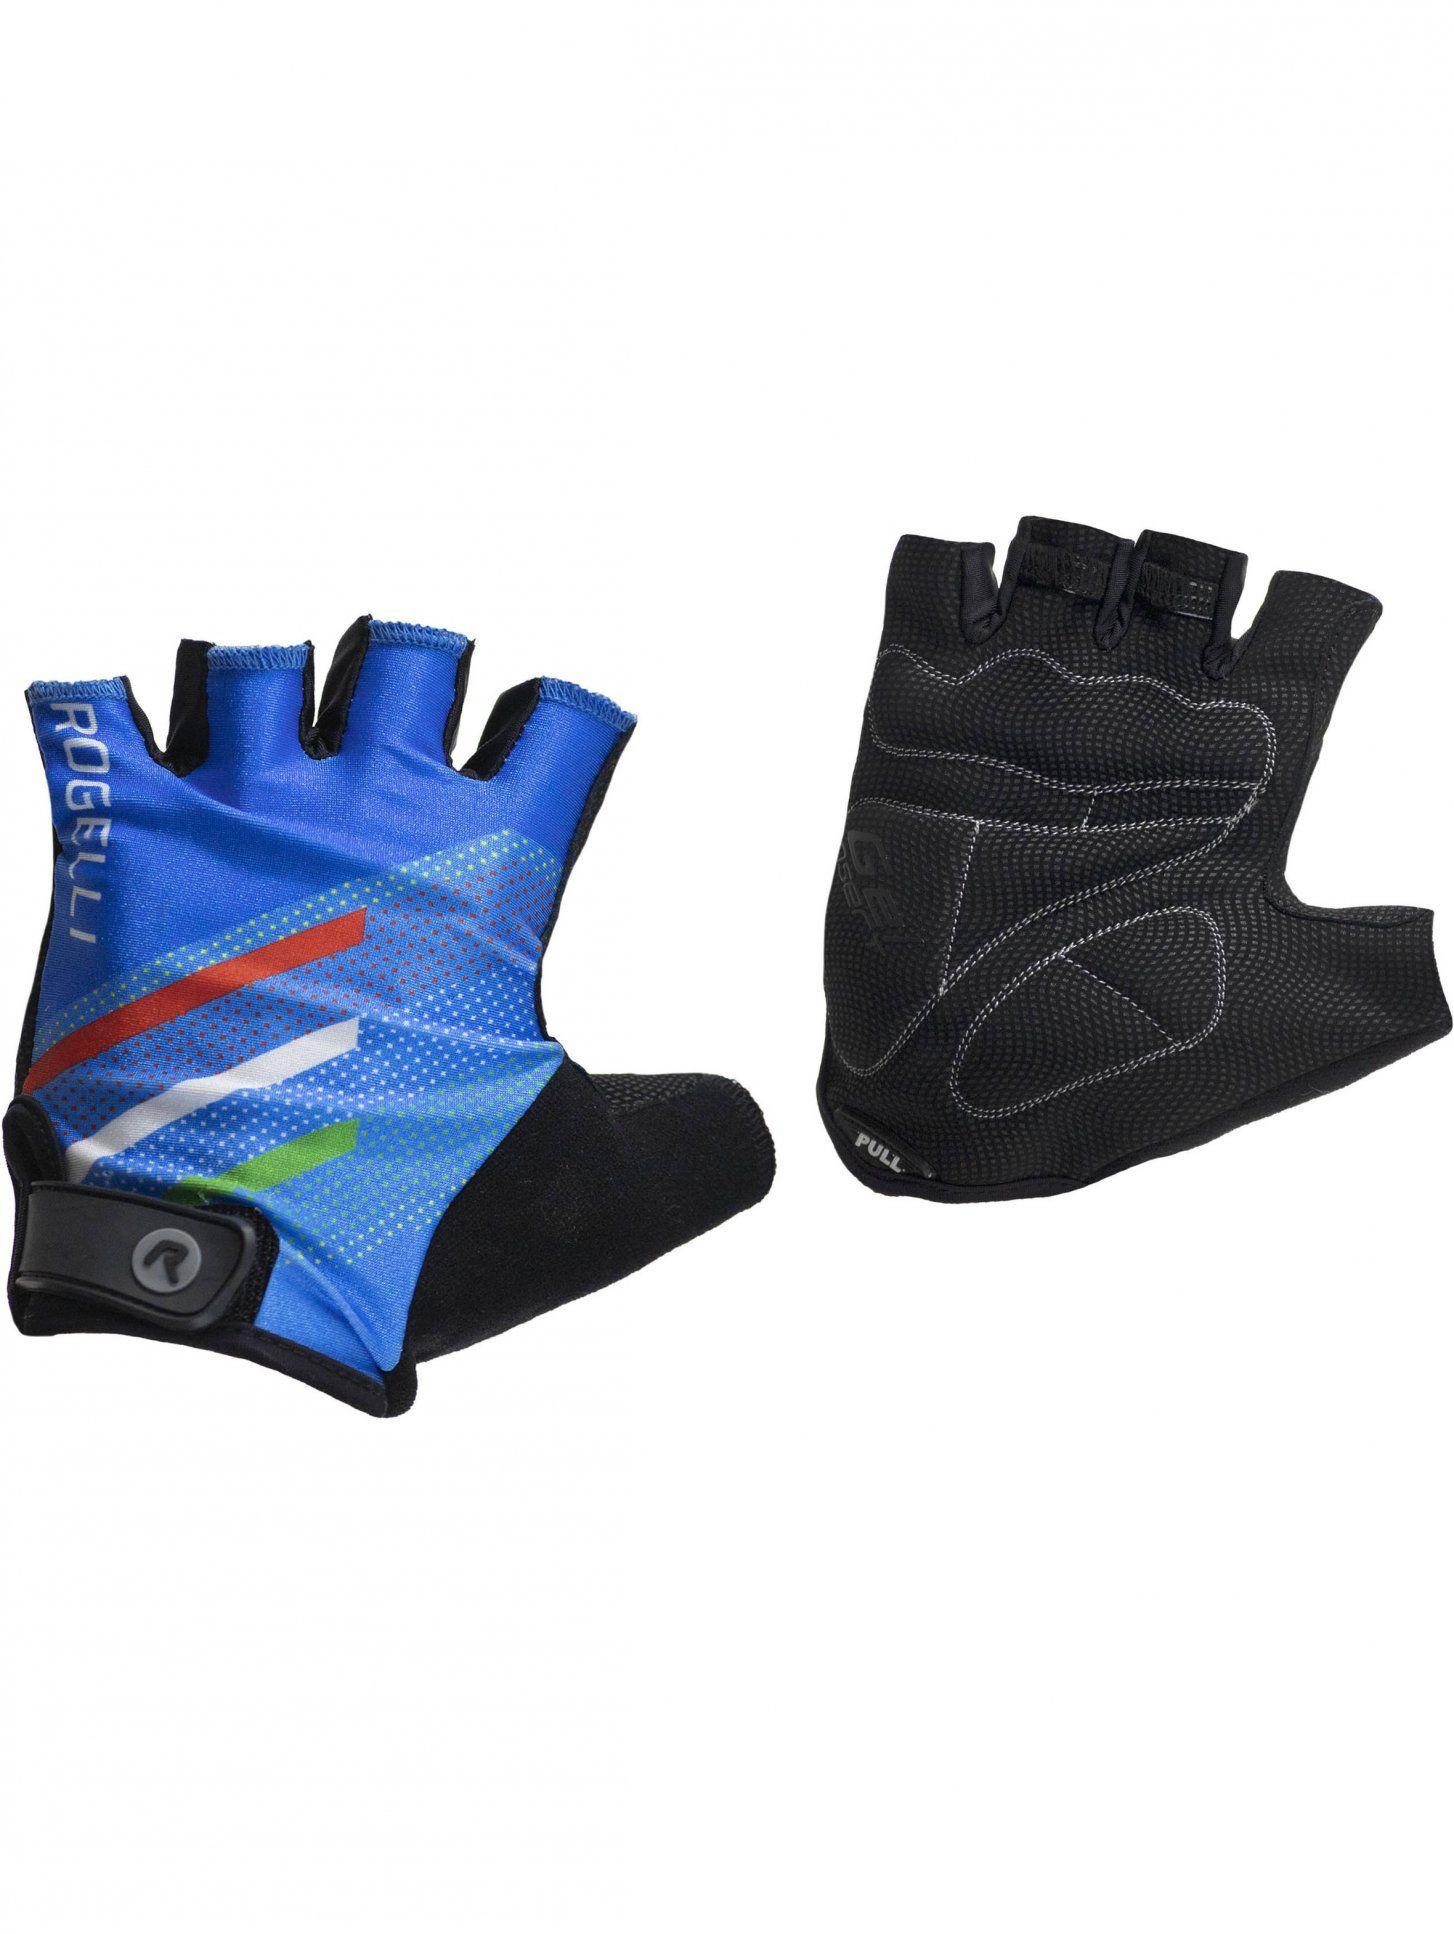 ROGELLI 006.960 TEAM 2.0 rękawiczki rowerowe niebieskie Rozmiar: M,006.960blue